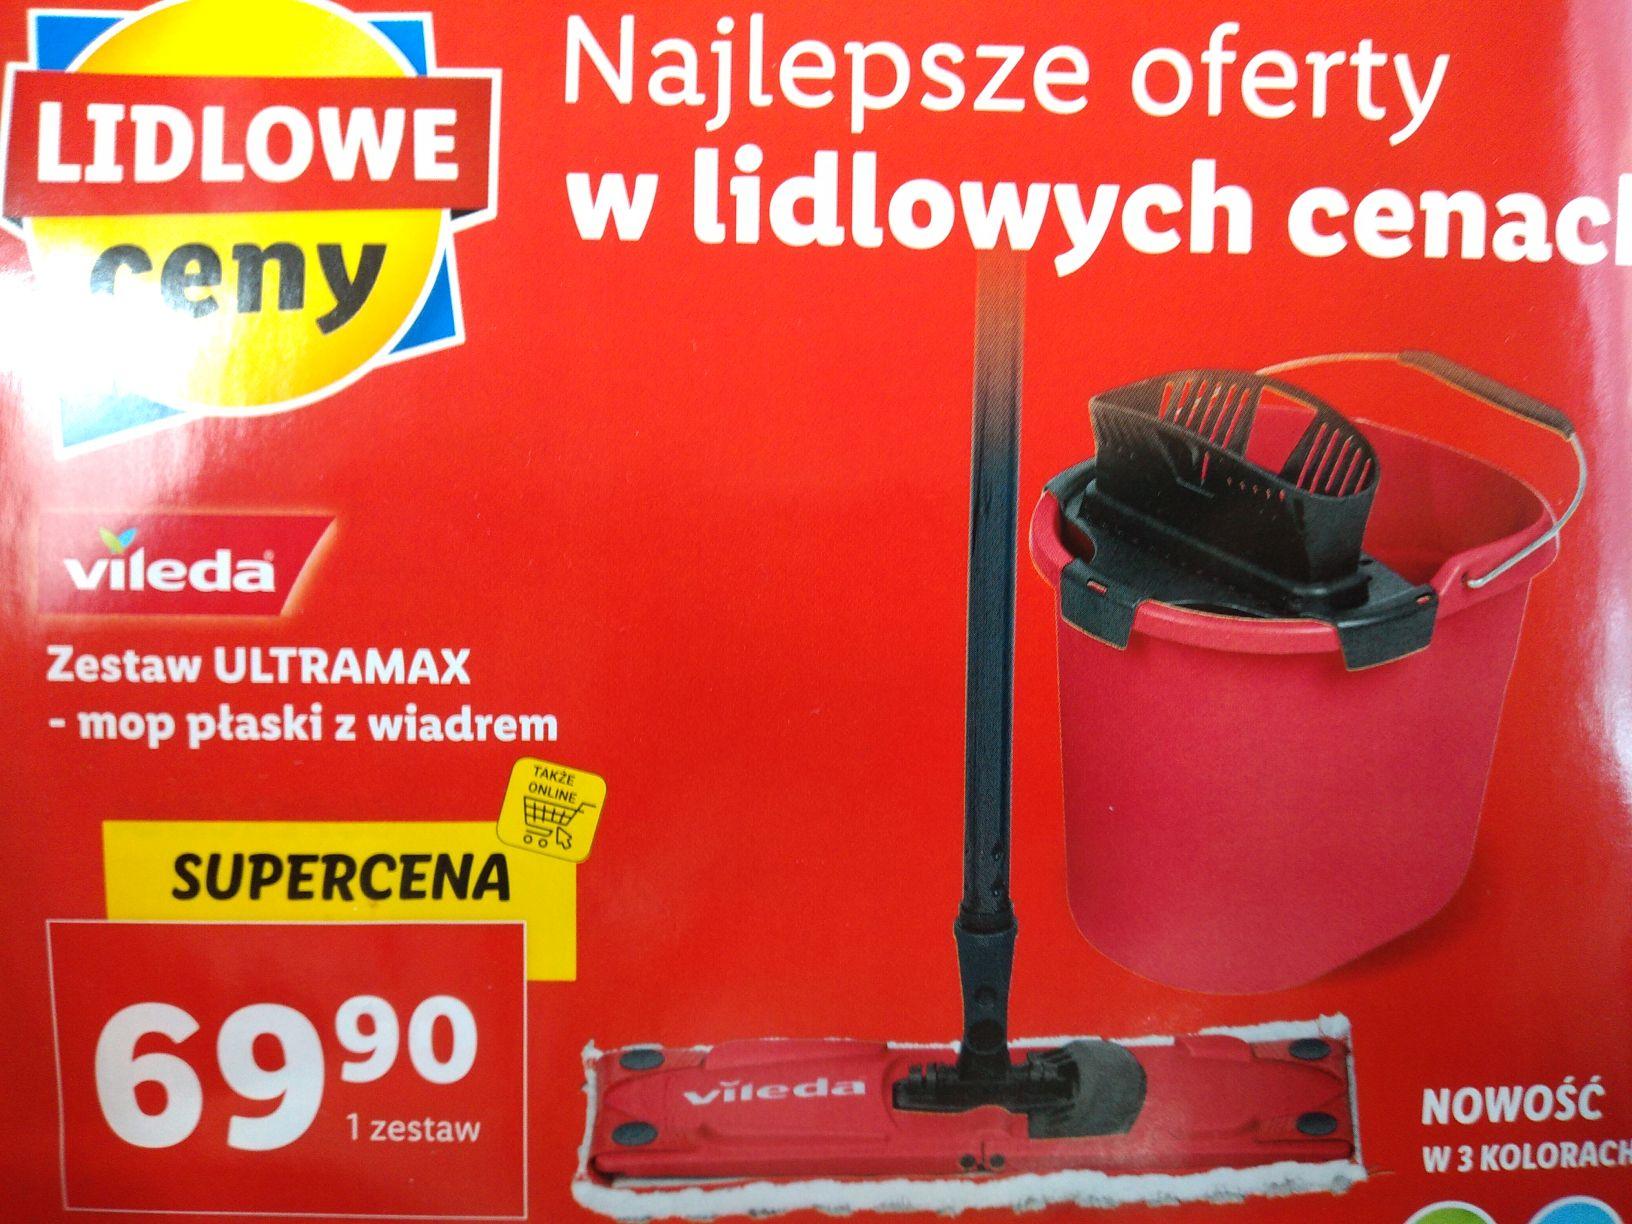 Zestaw Vileda Ultramax - Lidl